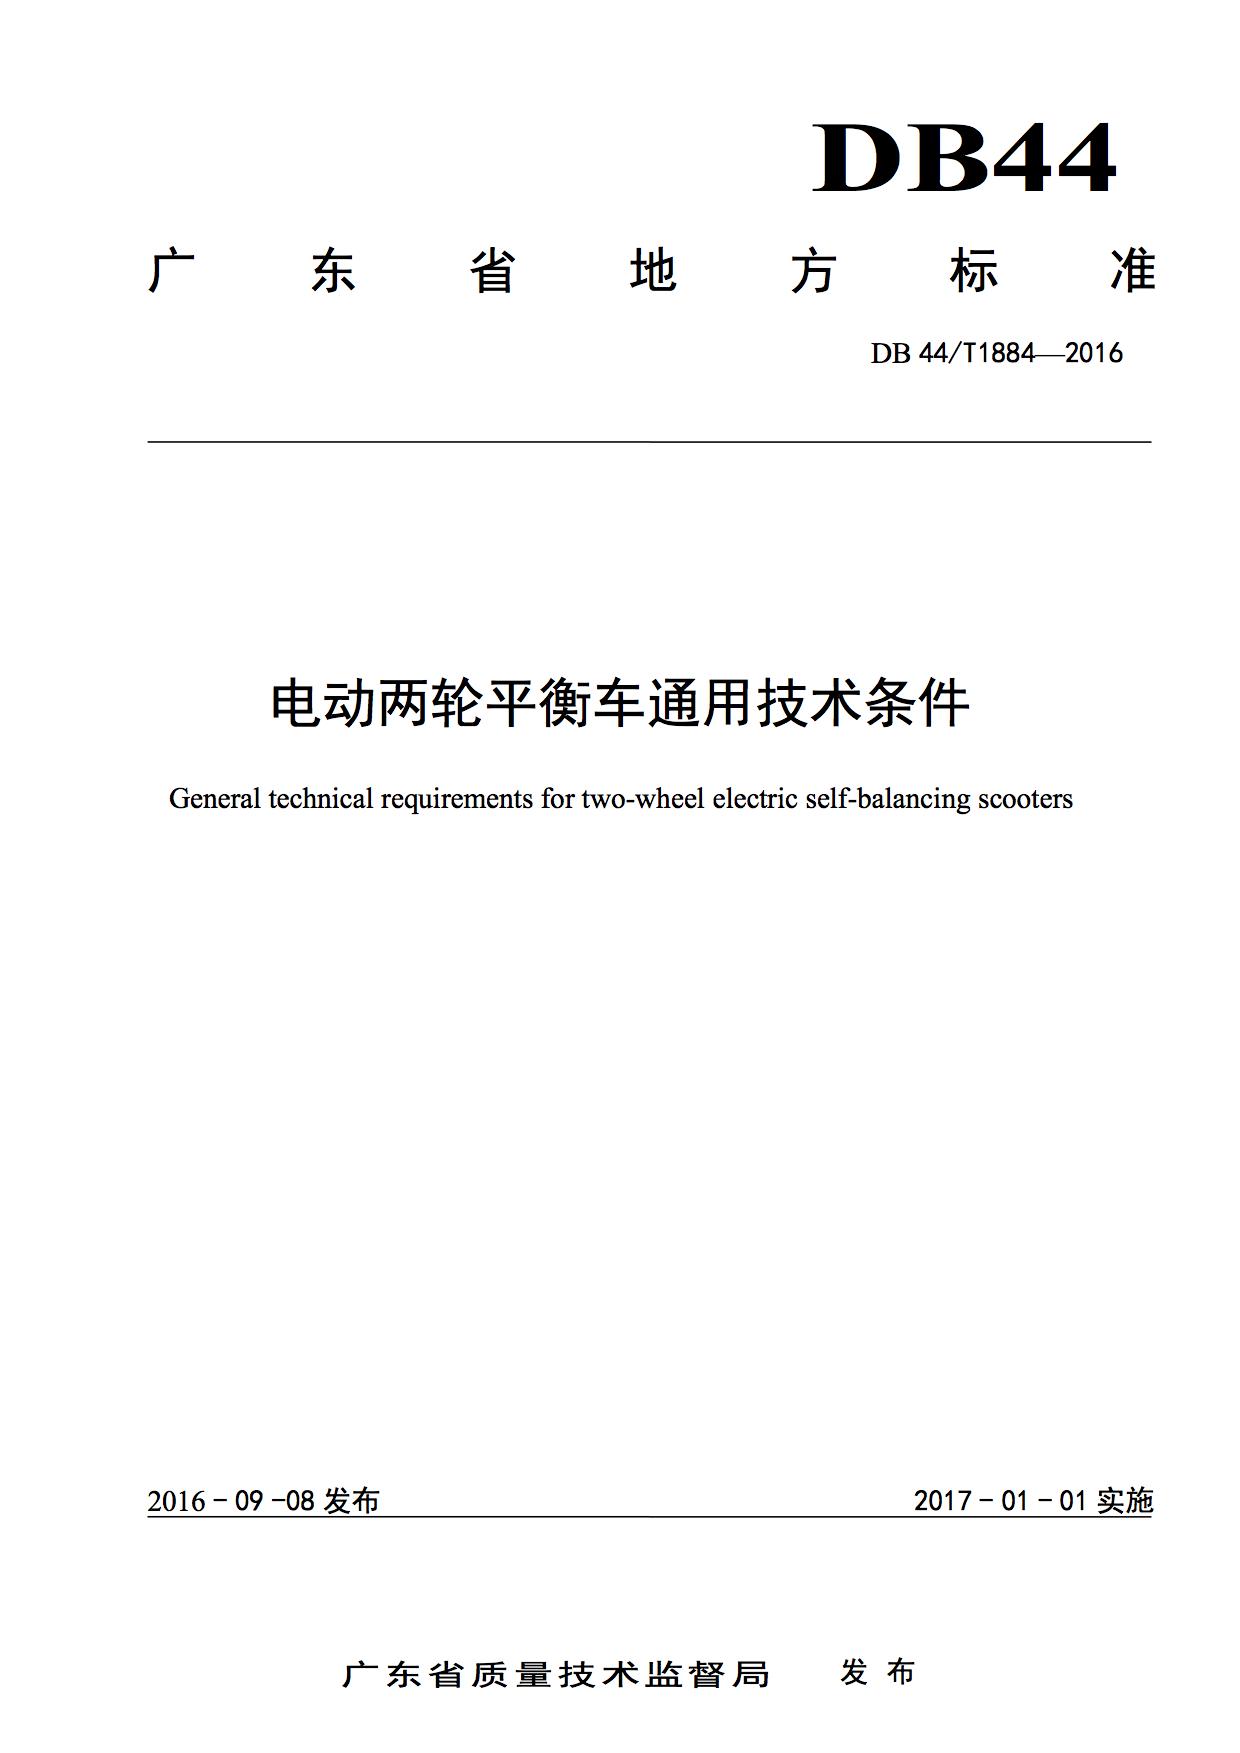 国内首个电动两轮平衡车标准正式发布!-唯轮网